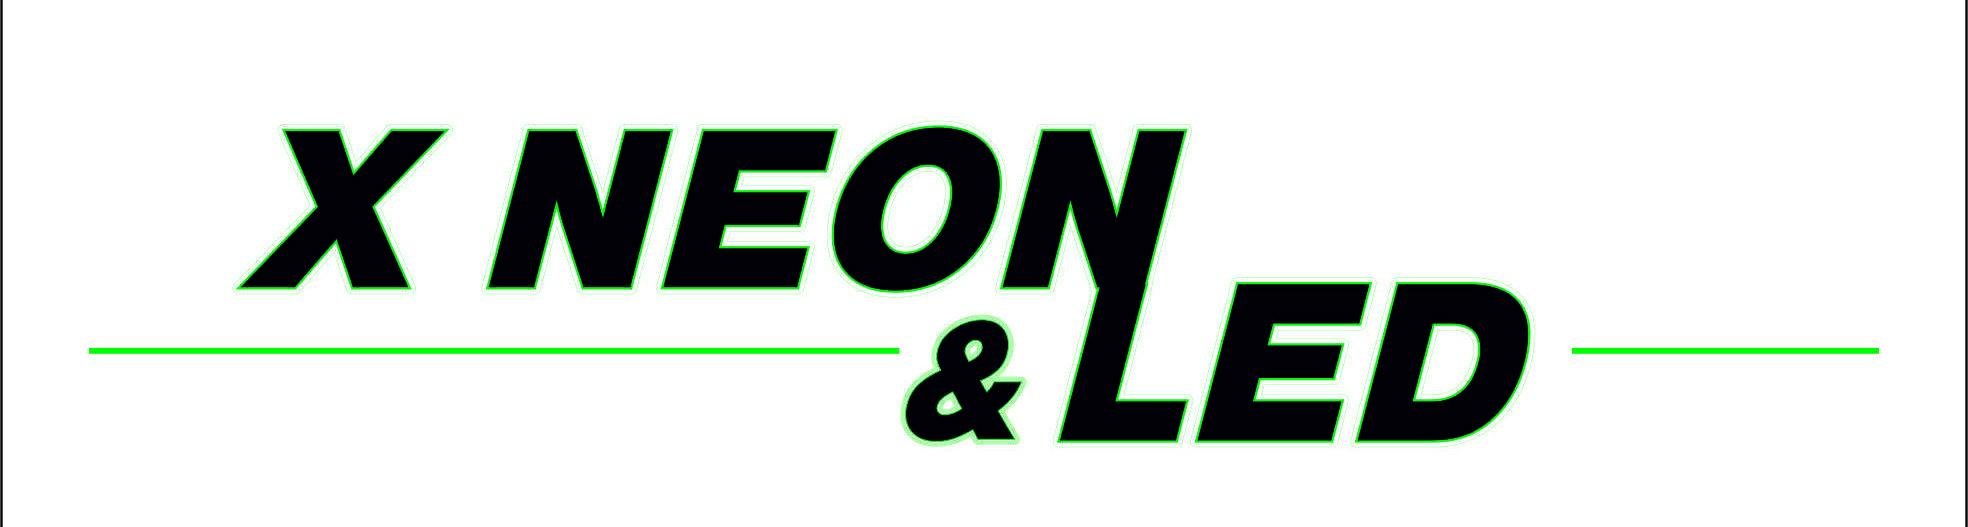 logo xneoneled